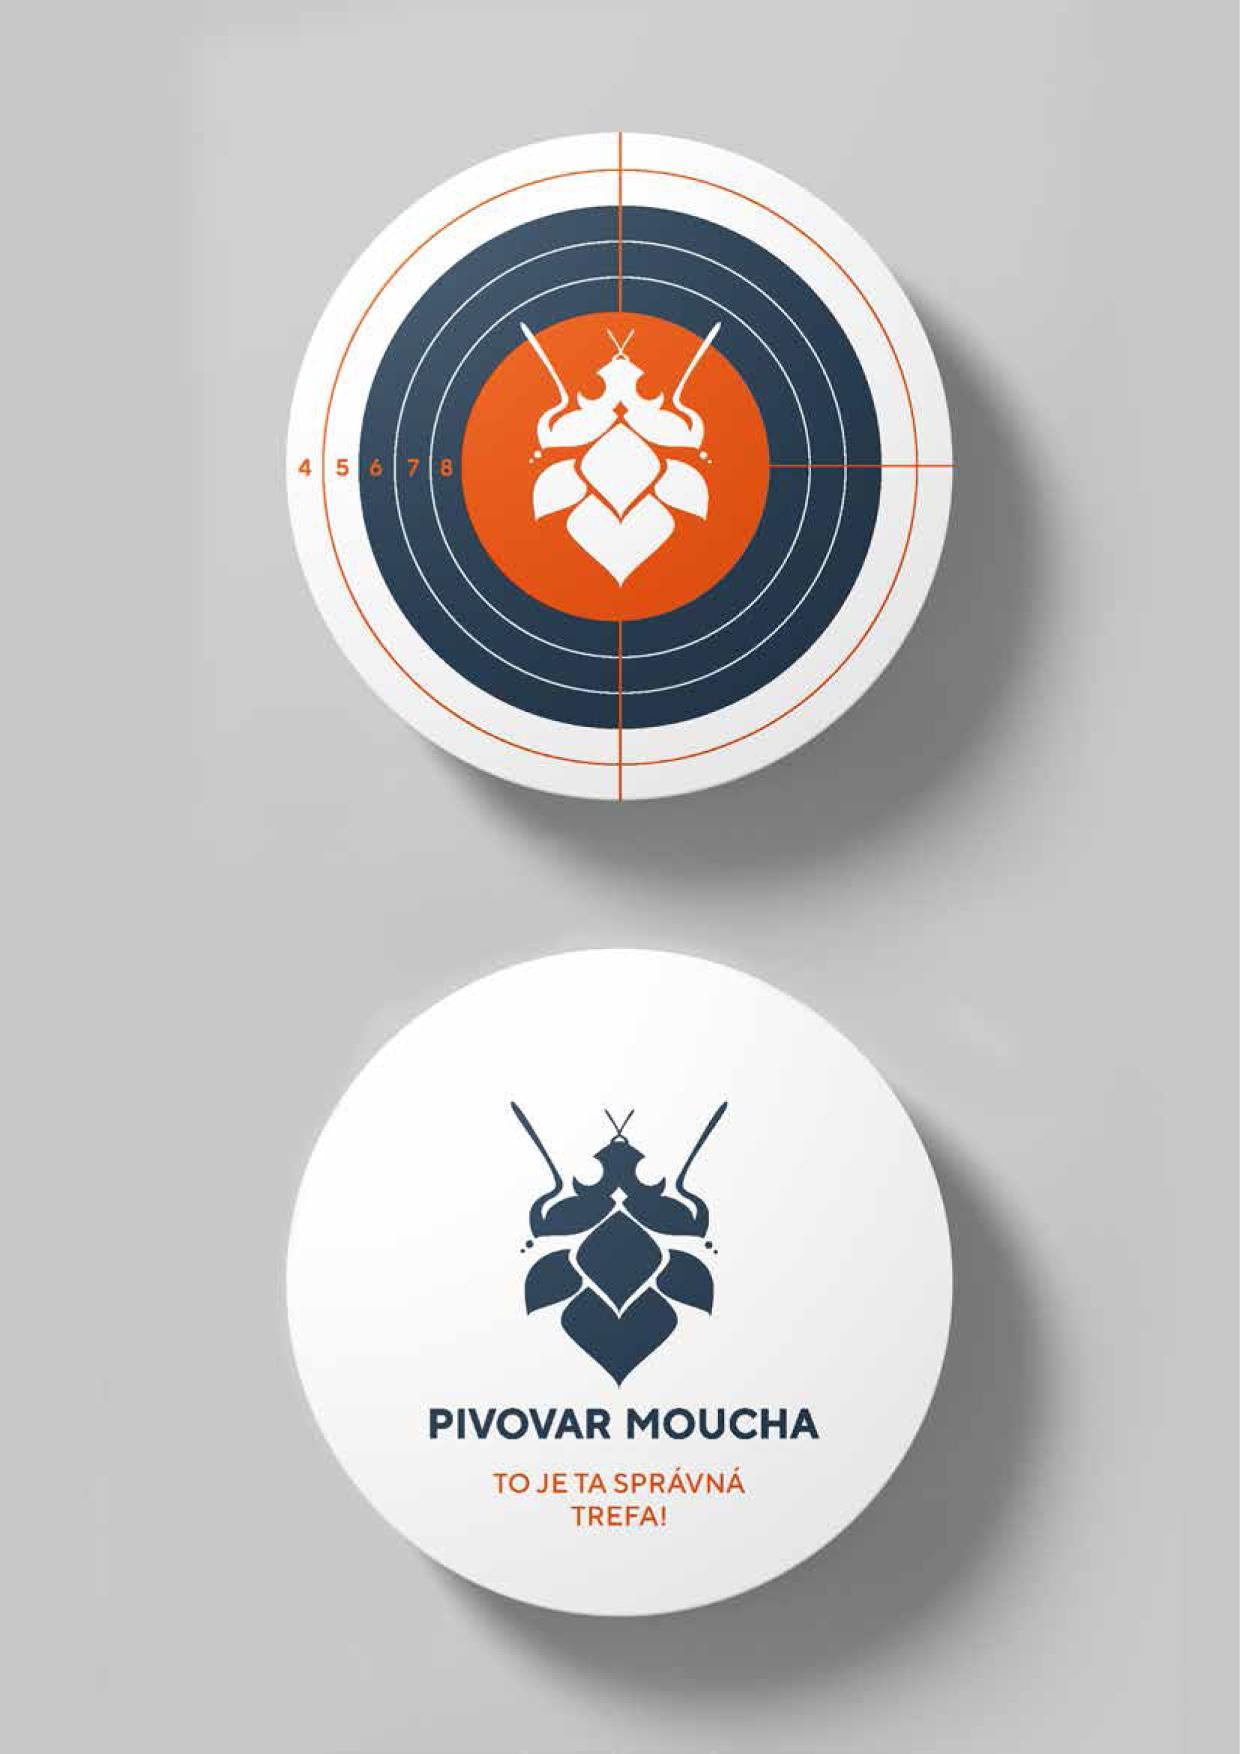 návrh značky, obalu<br> pivovar Moucha<br> semestrální práce | 1. ročník<br> 2020/2021